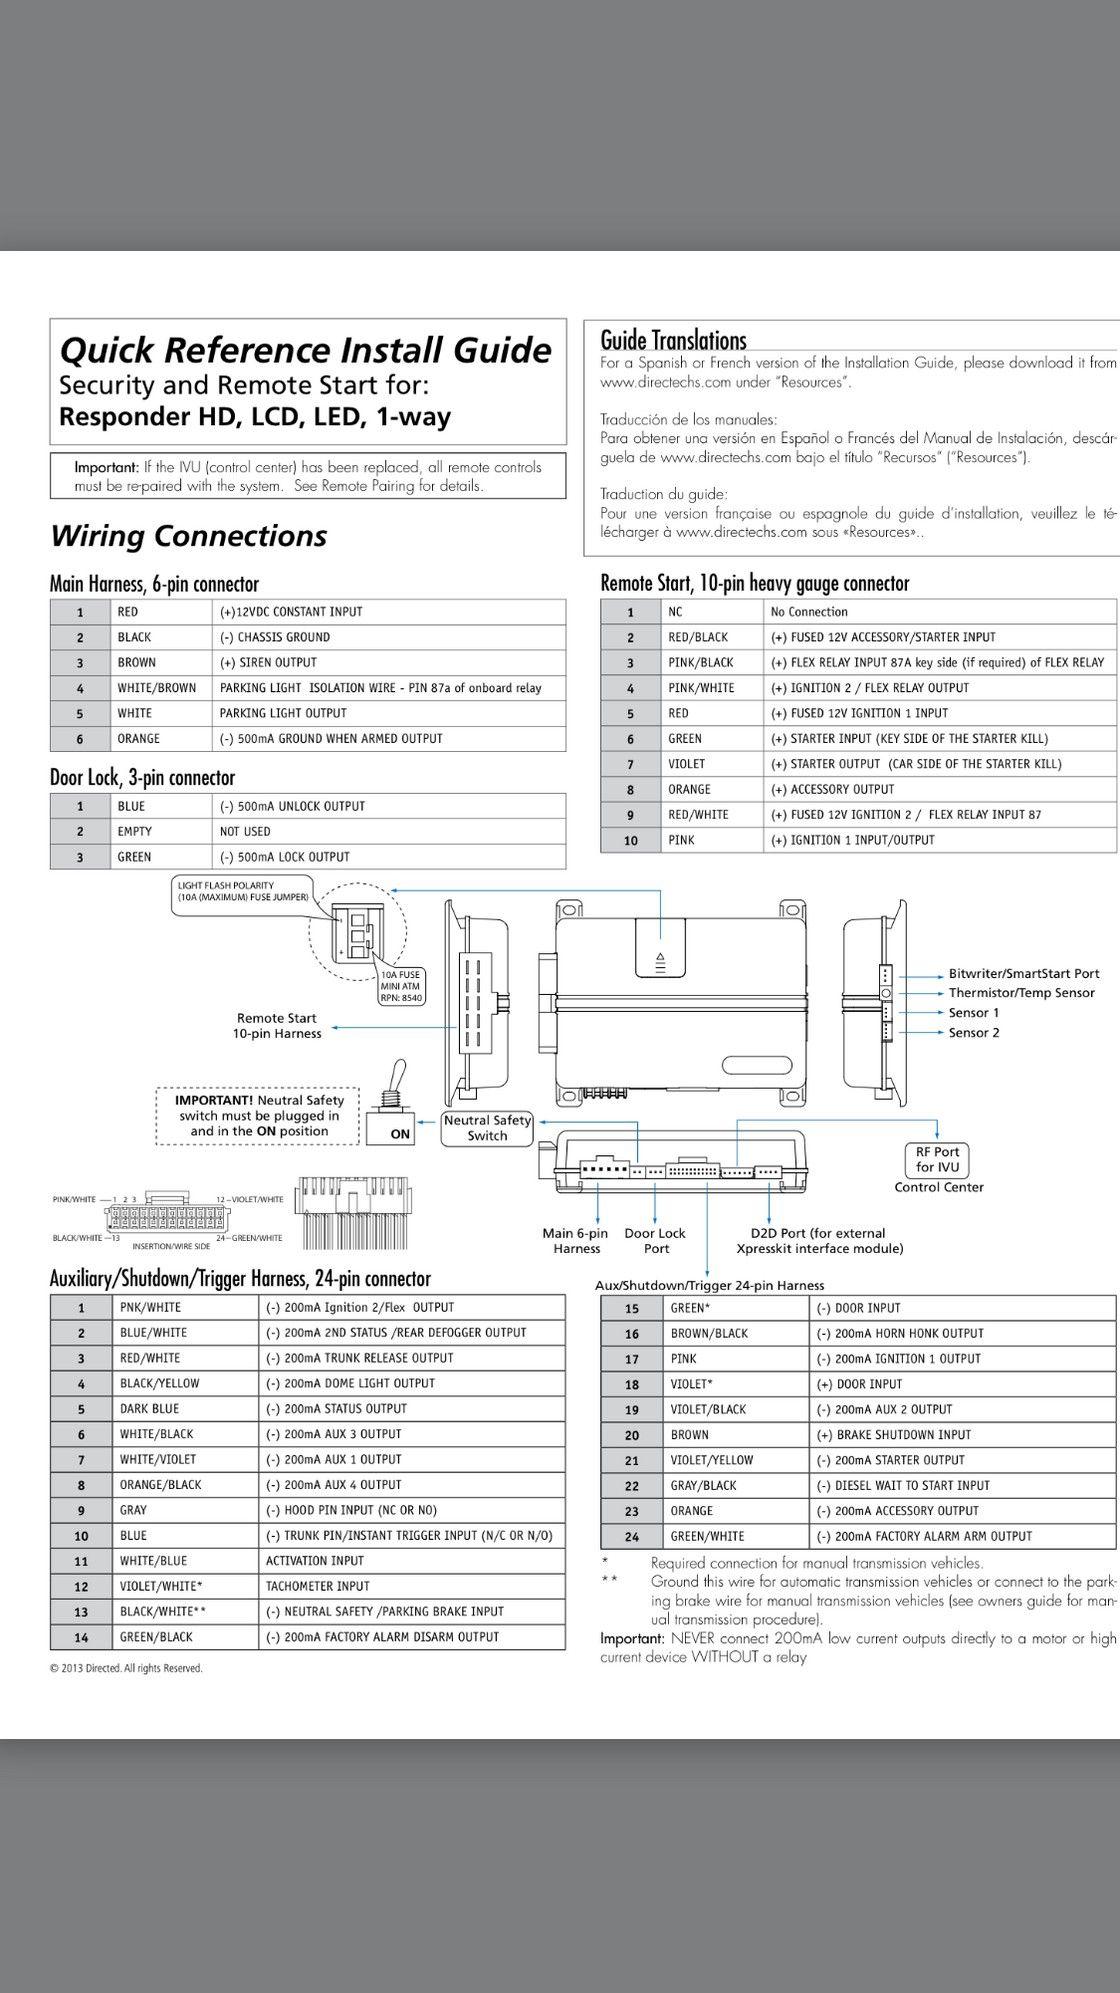 5706 Viper Alarm Wiring Diagram Viper Alarm Wire Remote Start